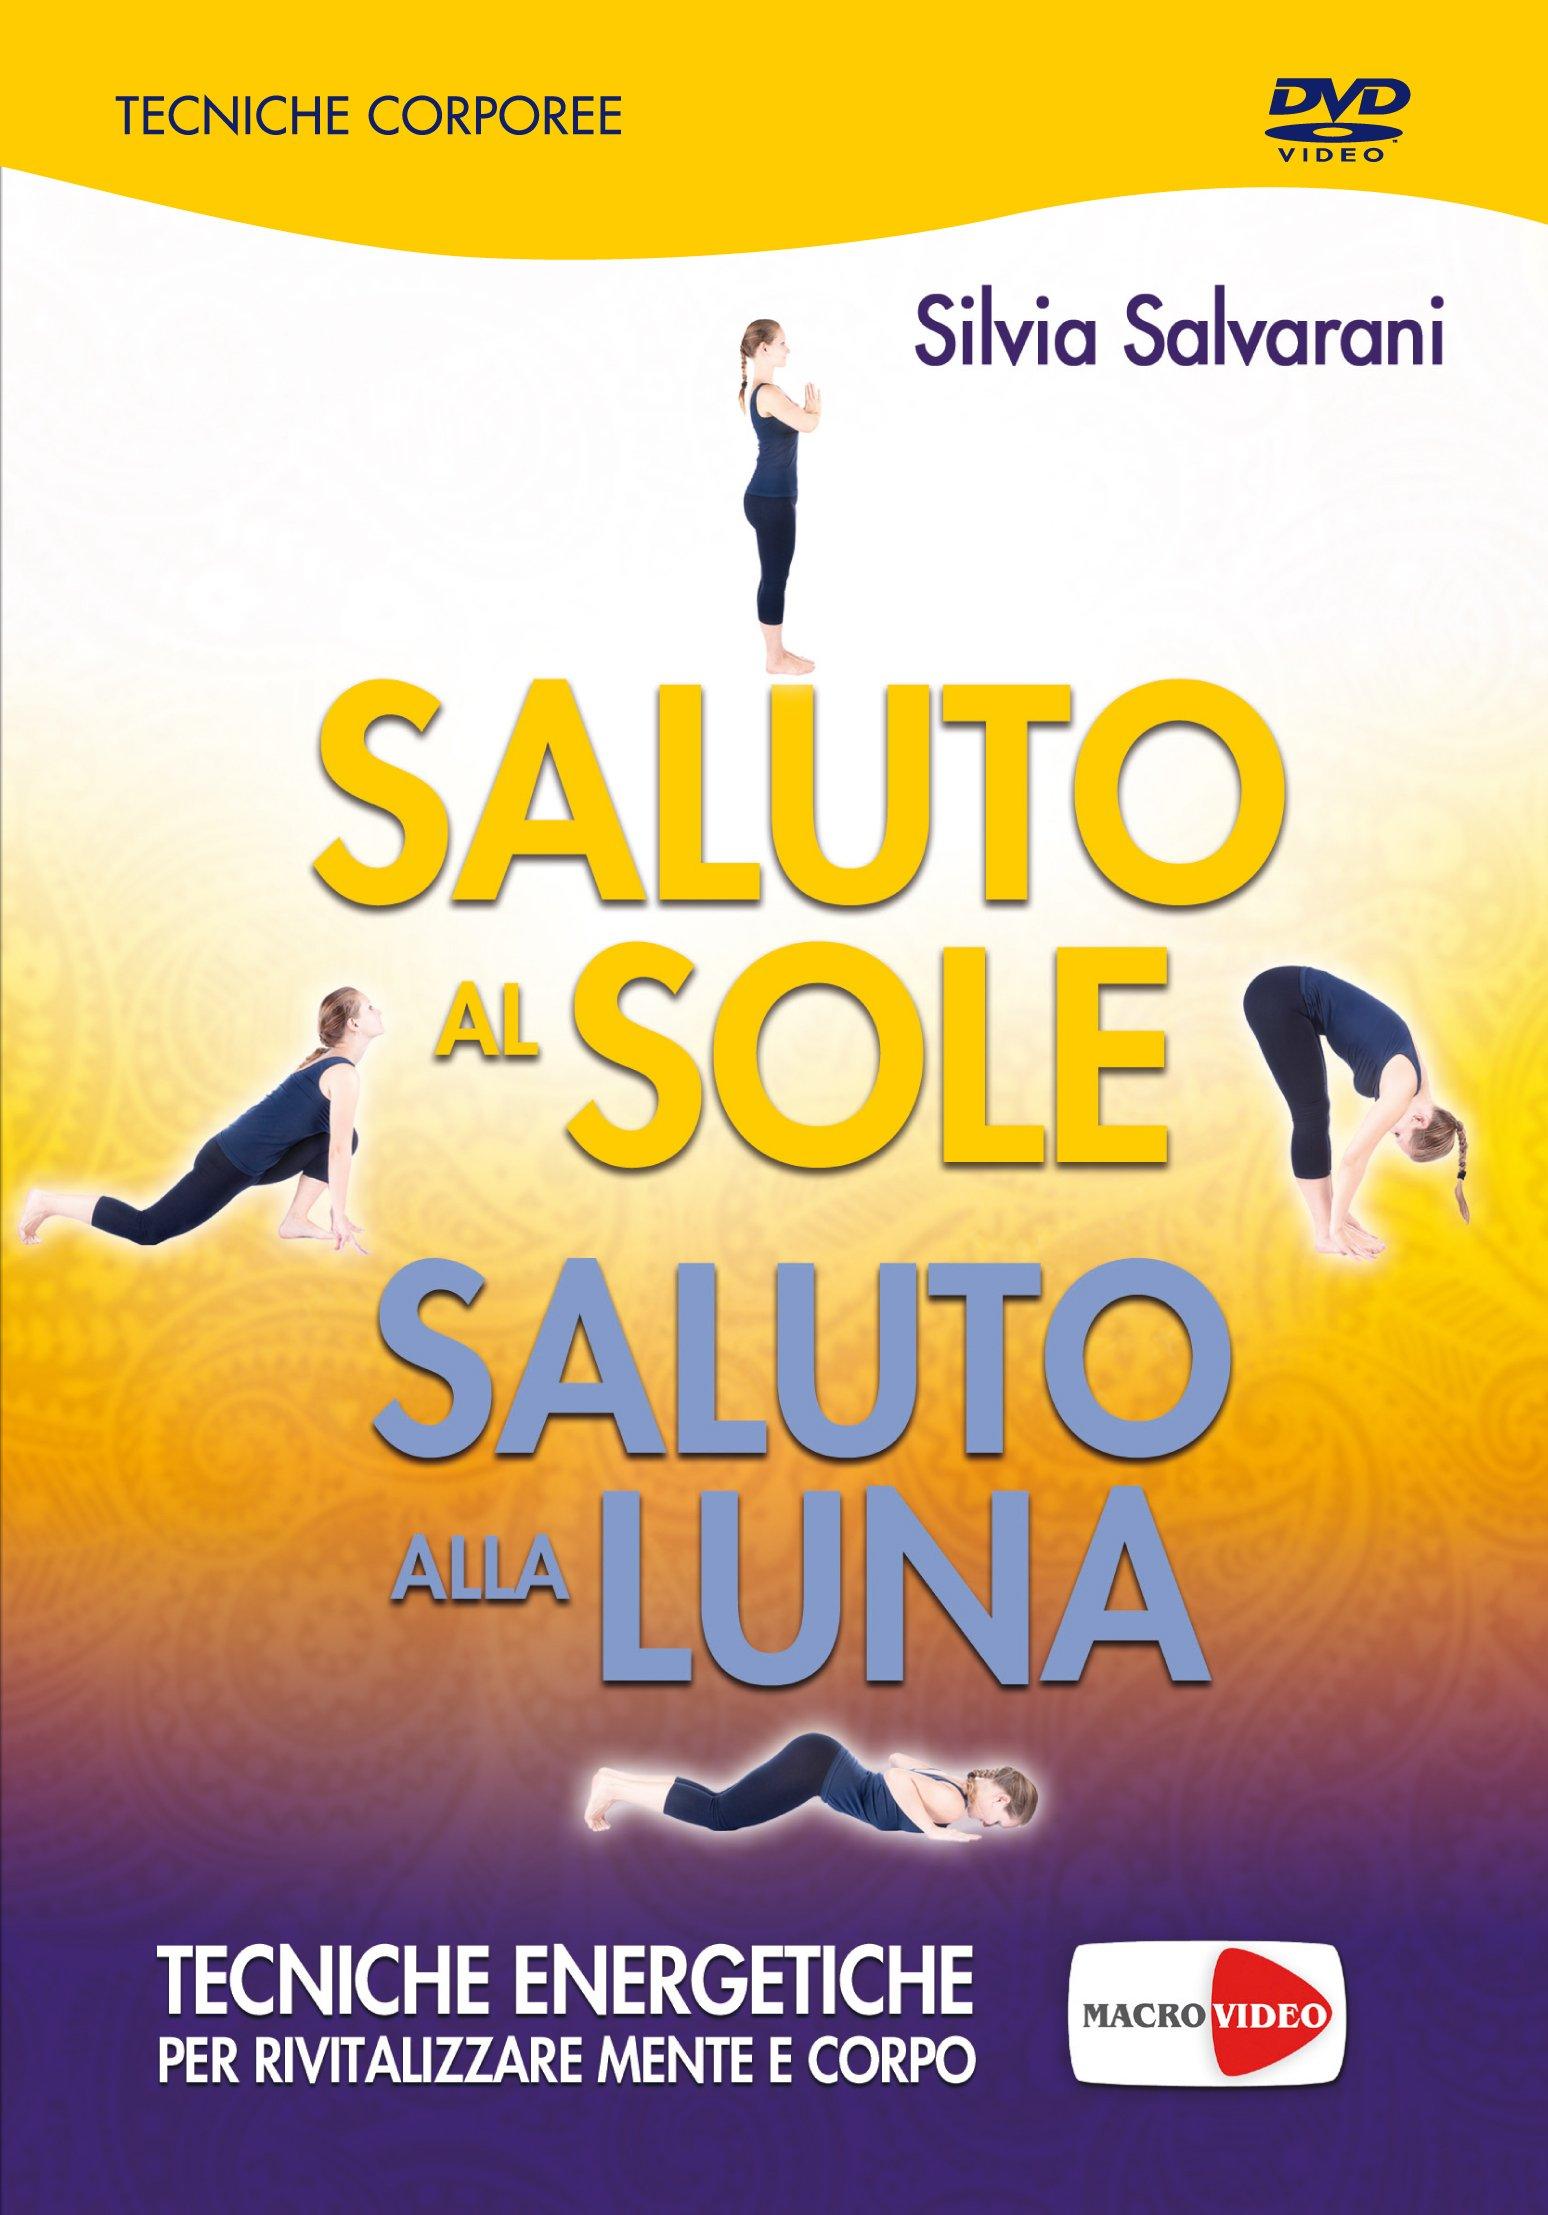 Saluto al Sole, Saluto alla Luna DVD